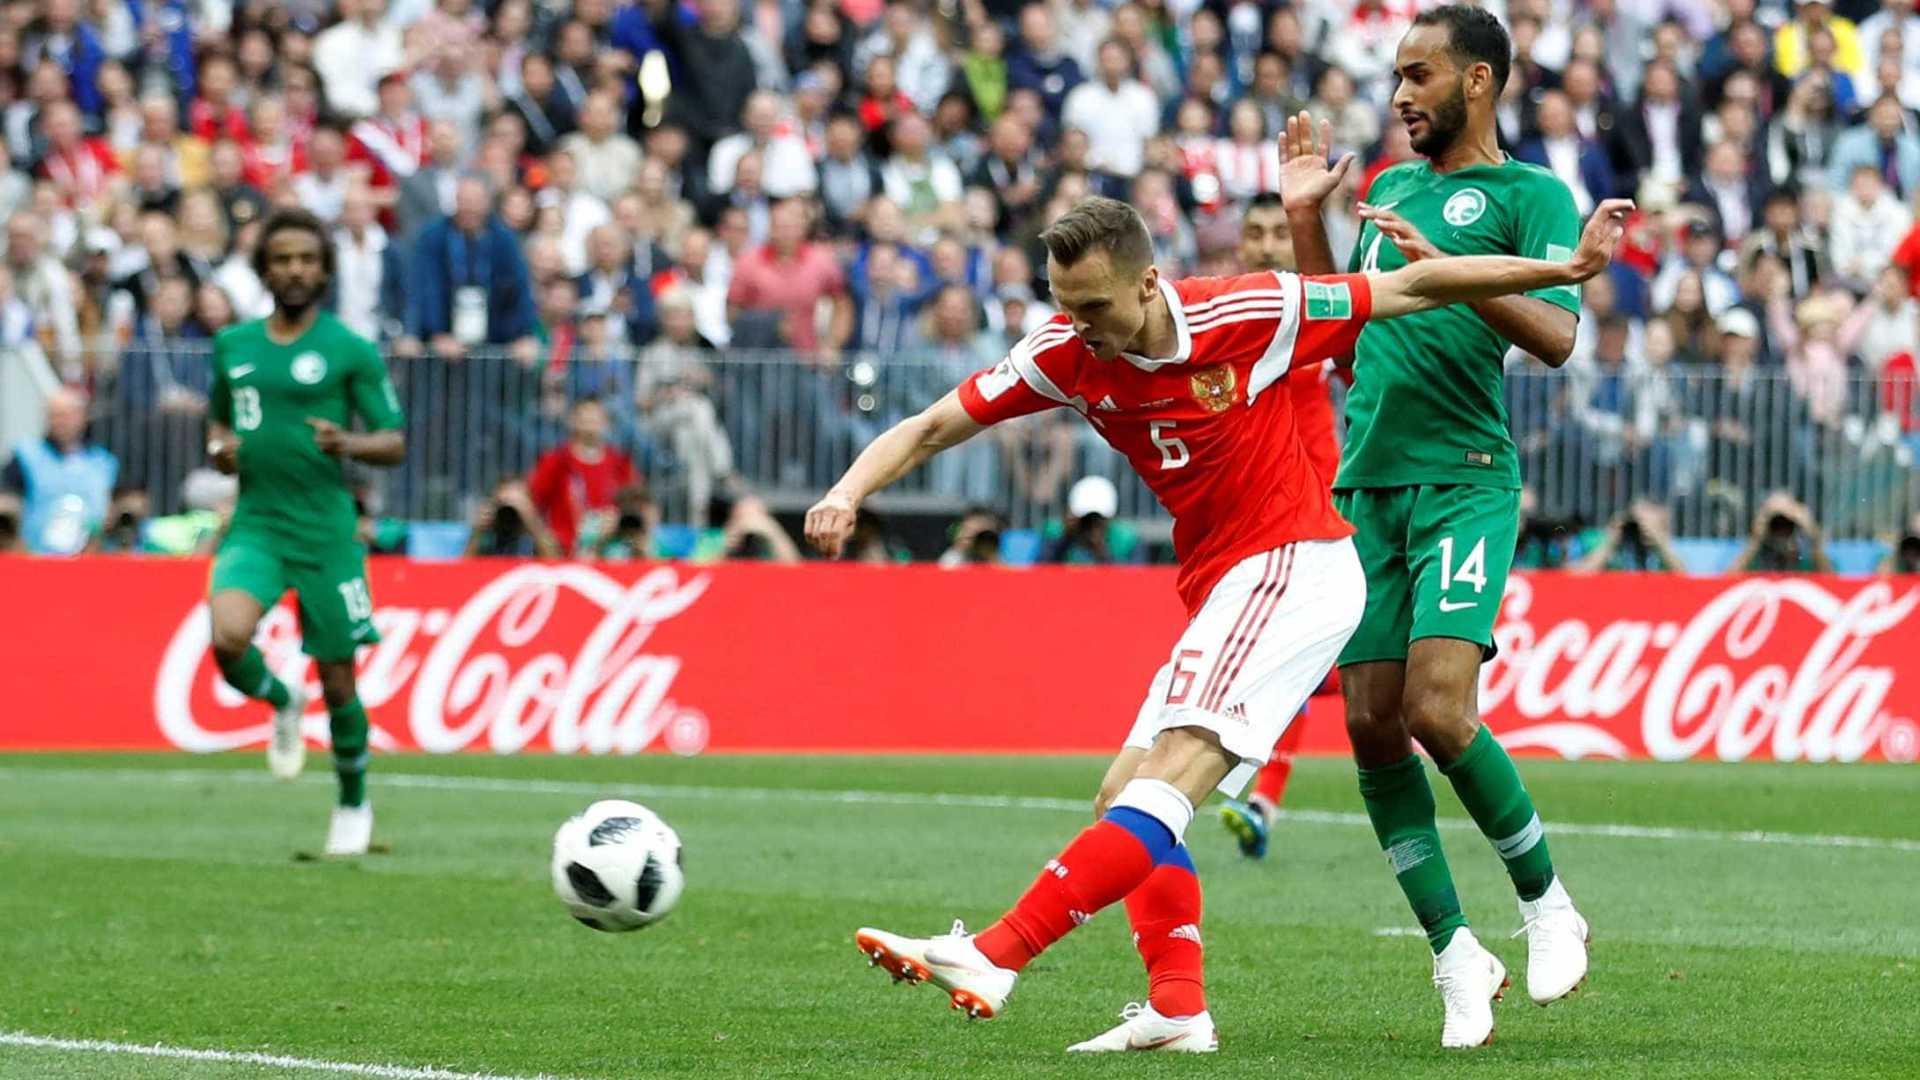 naom 5b22ce9171039 - Jogadores sauditas pedem desculpas após goleada na abertura da Copa